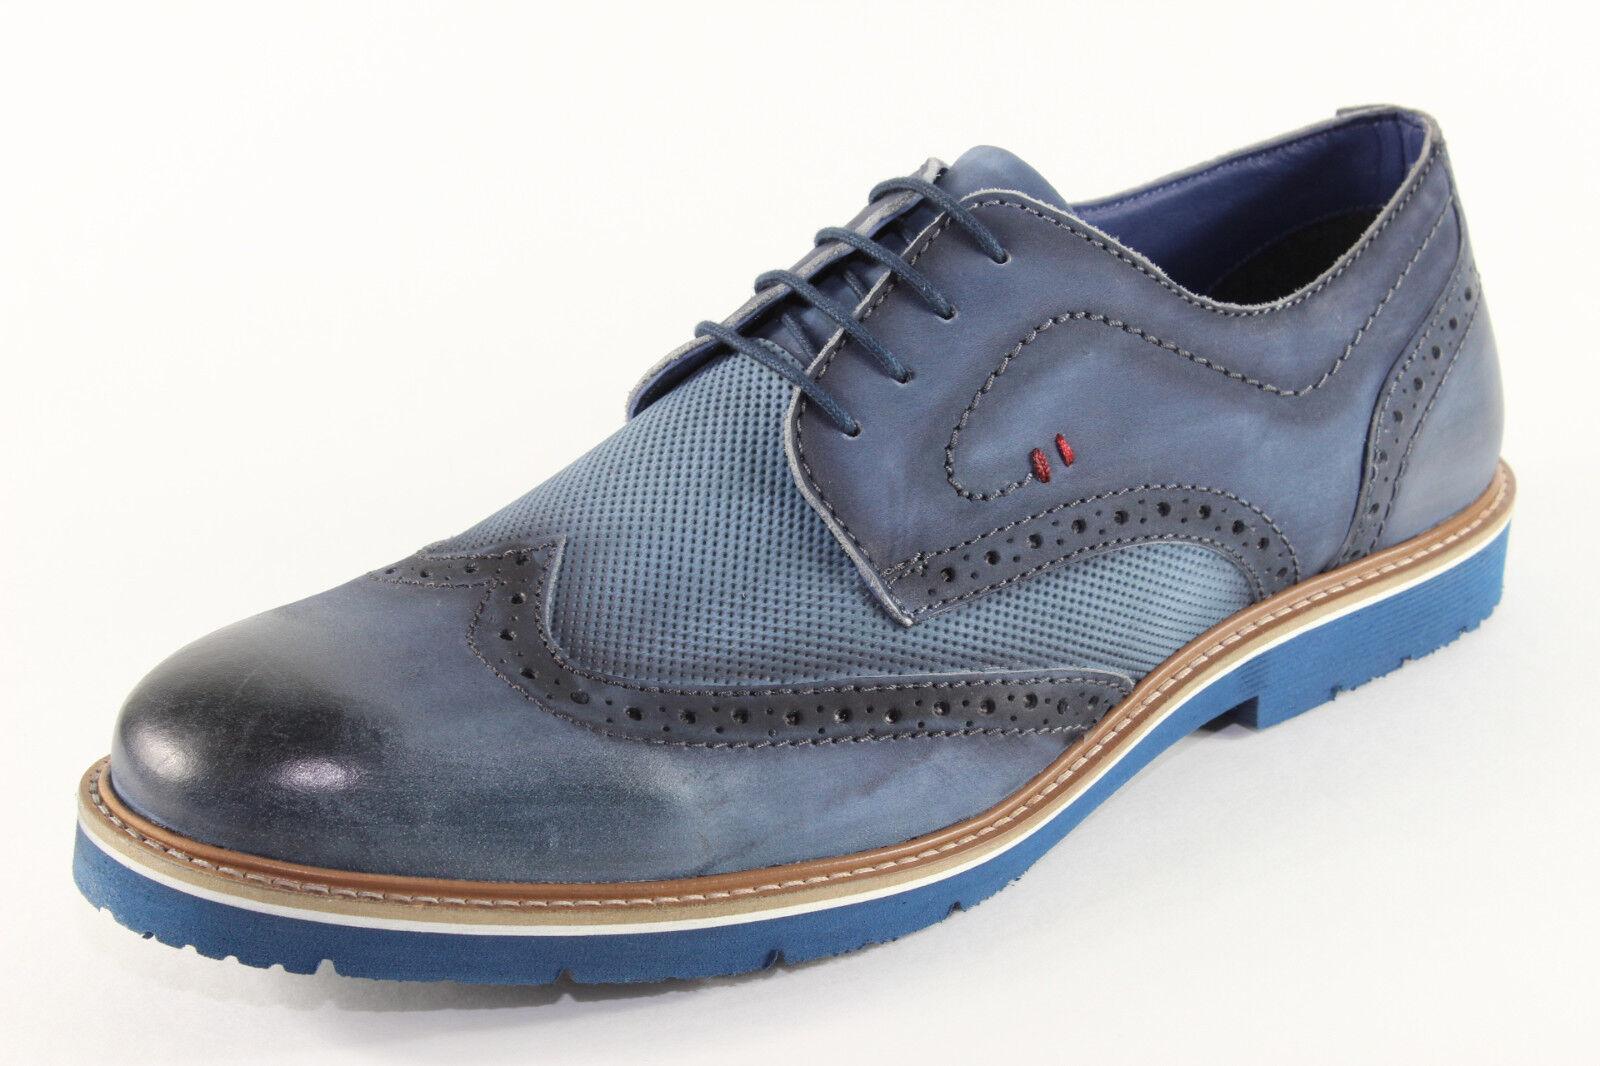 Manitu 650510, schicke Schnürschuhe aus blauem Leder, Herrenschuhe *Übergröße*